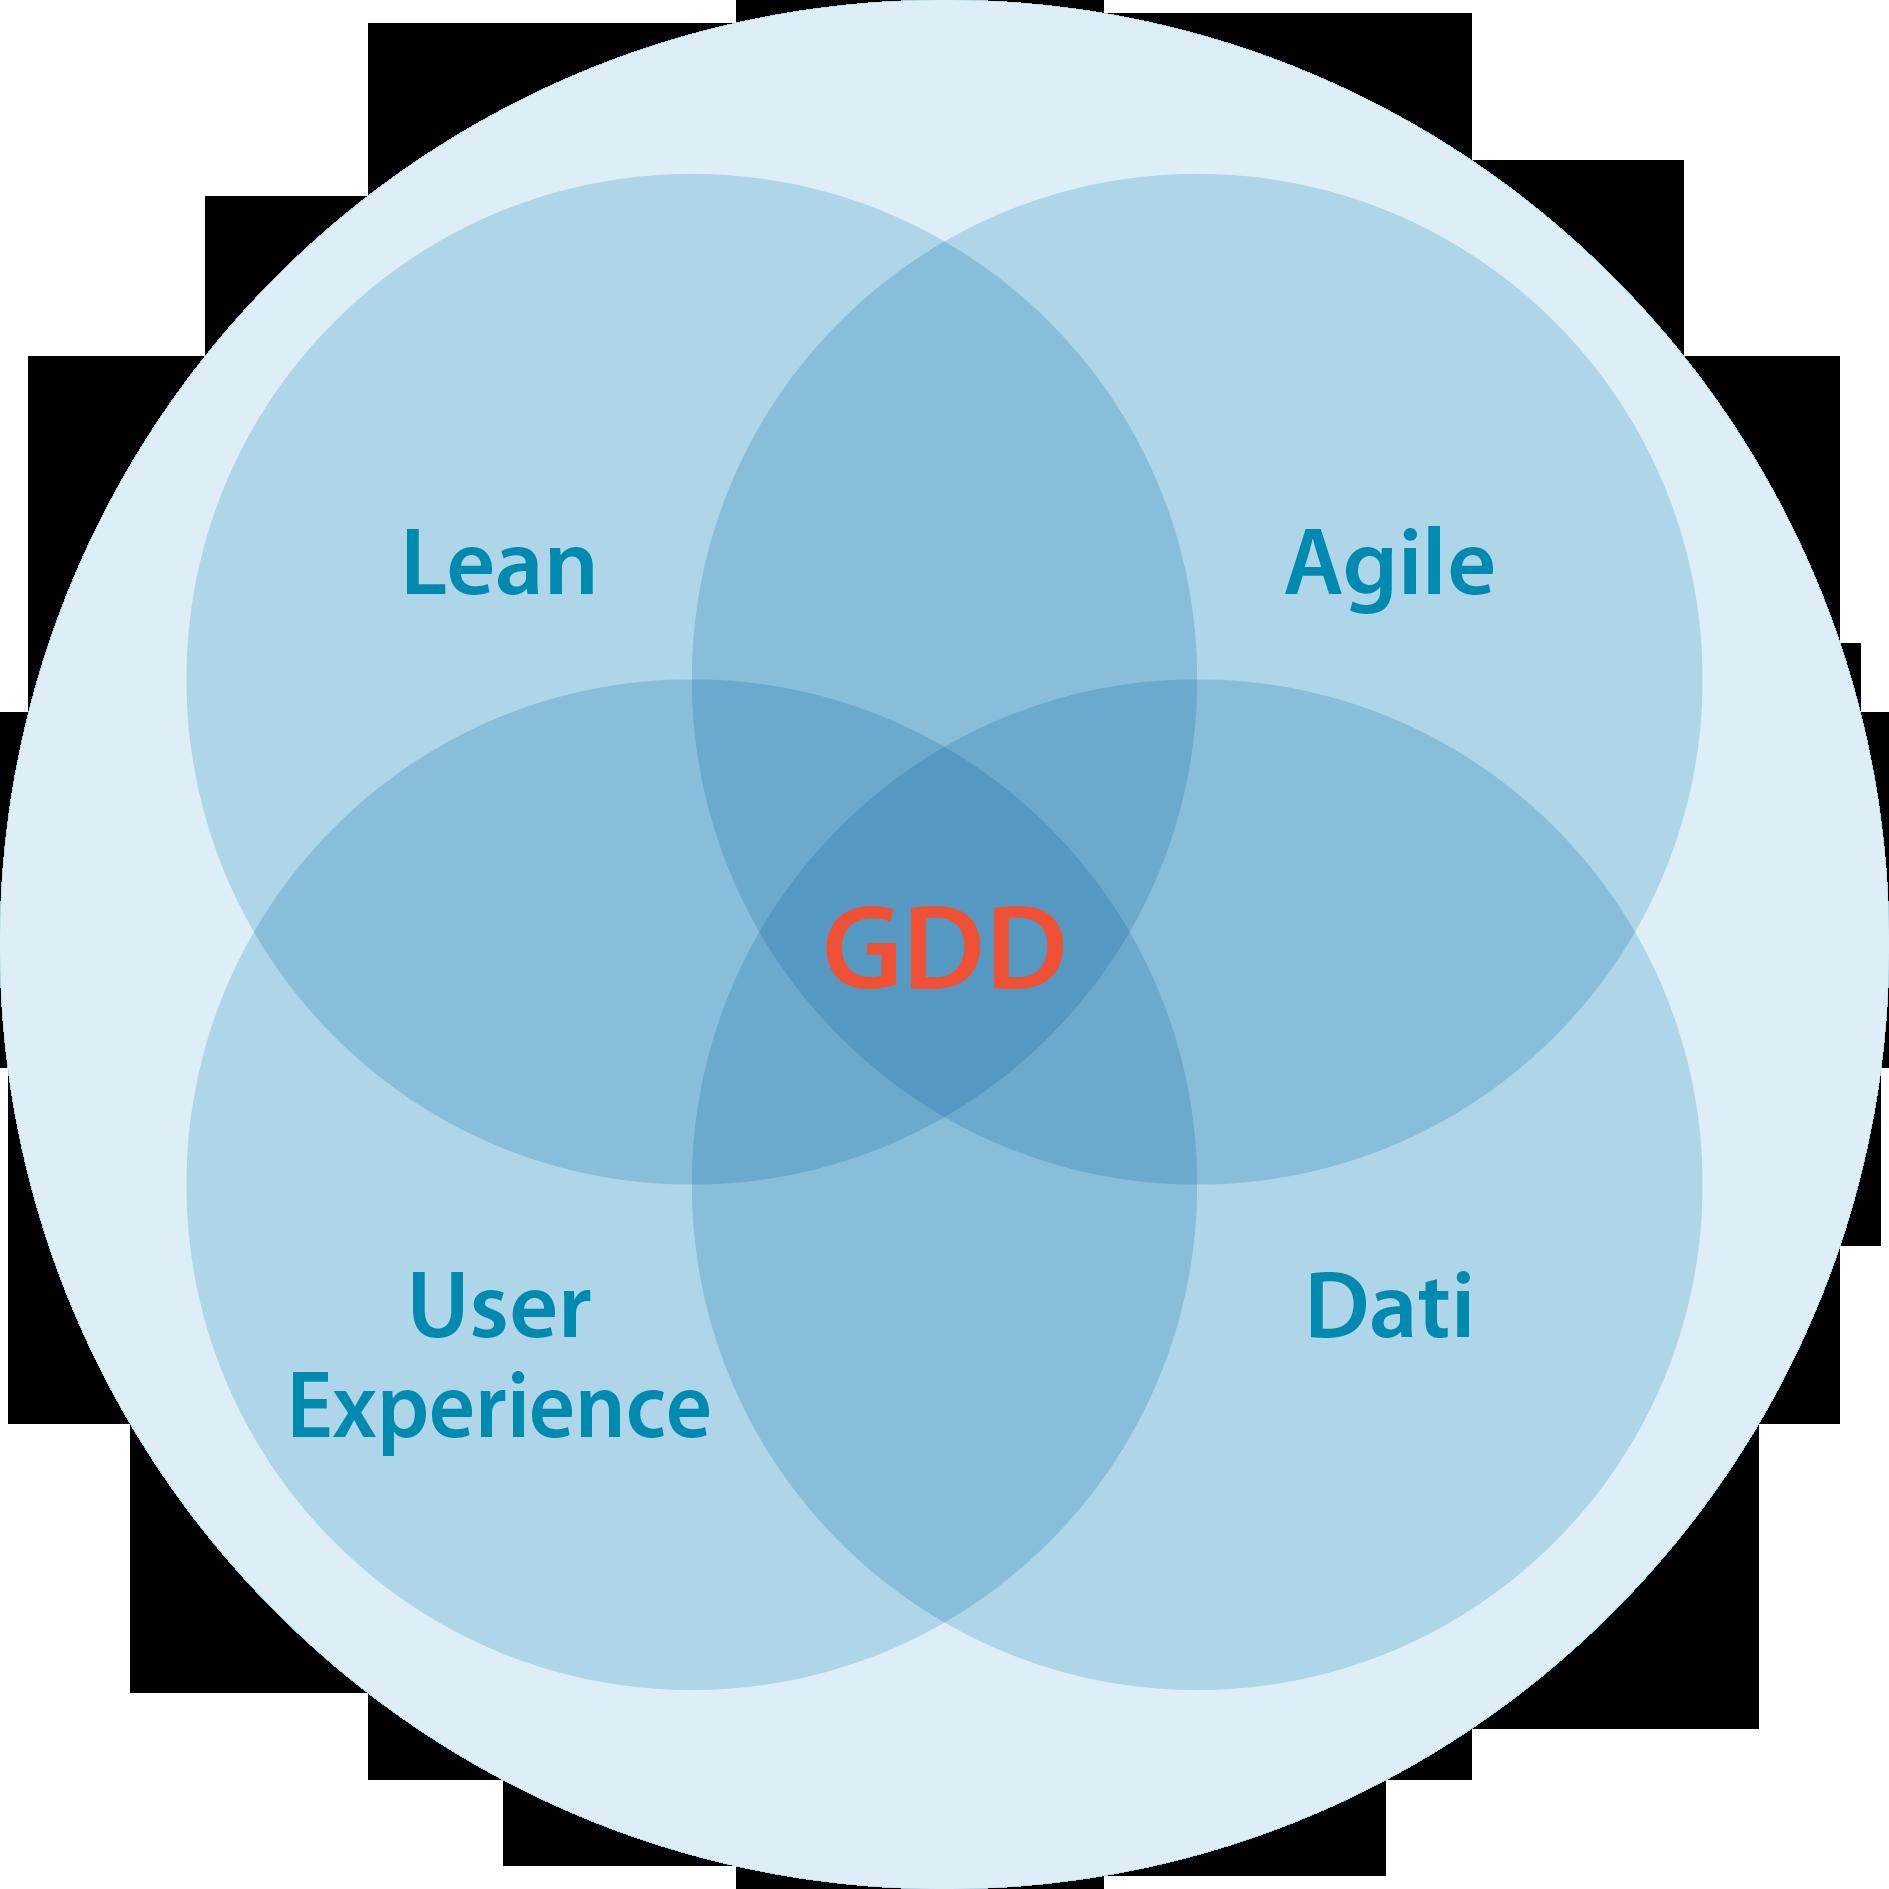 che-cos-e-il-growth-driven-design.png